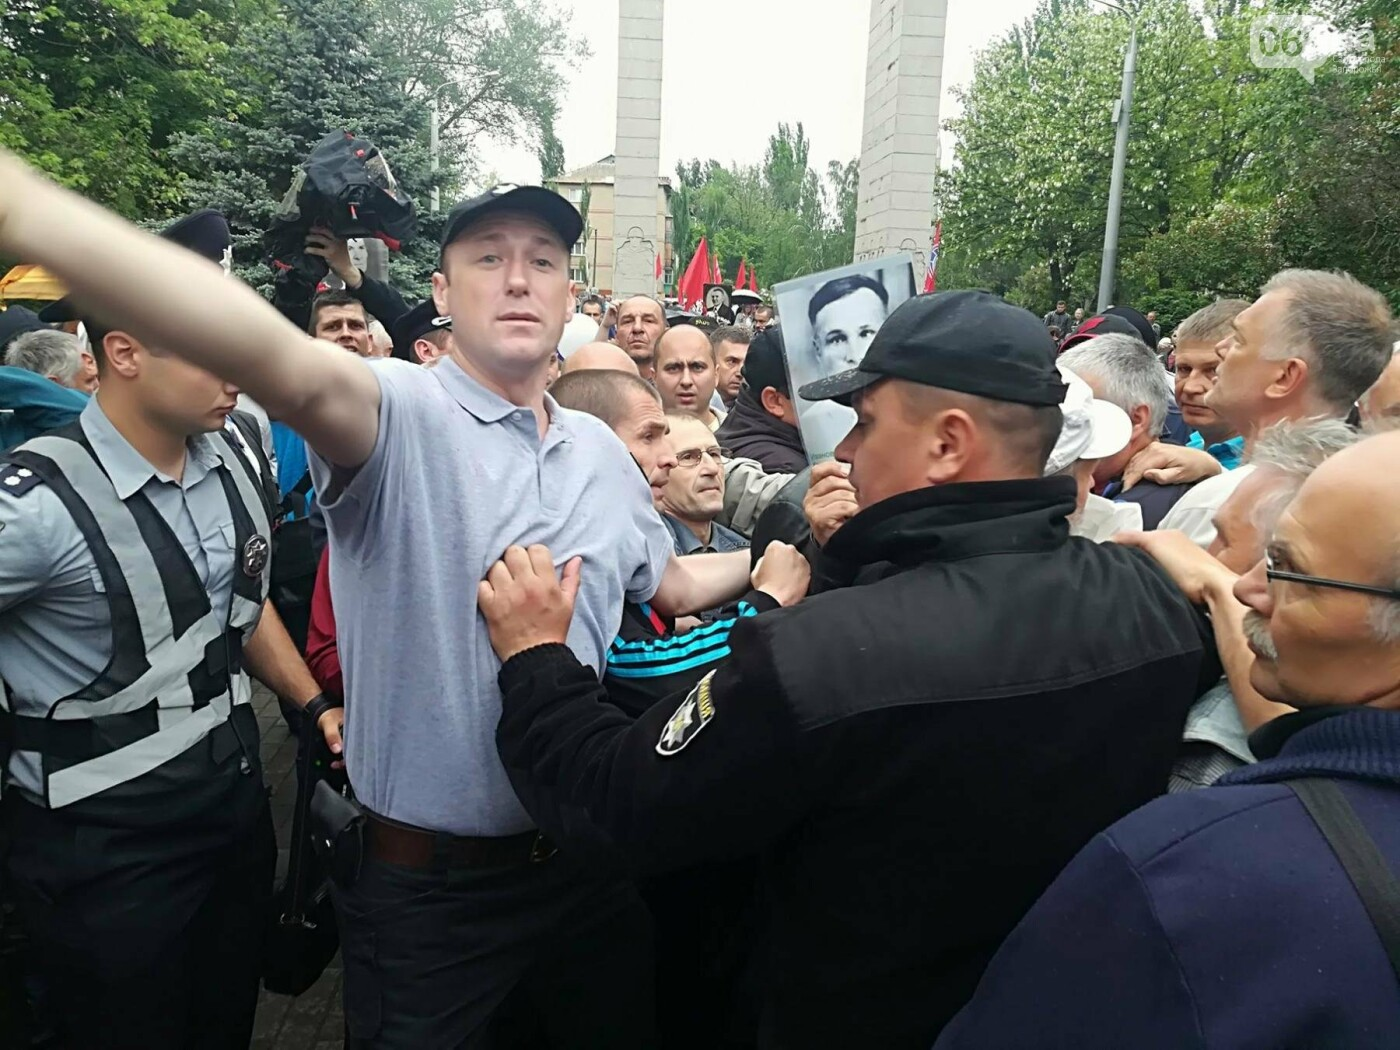 В Мелитополе митинг Балицкого закончился дракой - полиция просила снять георгиевские ленты, - ФОТО, ВИДЕО, фото-9